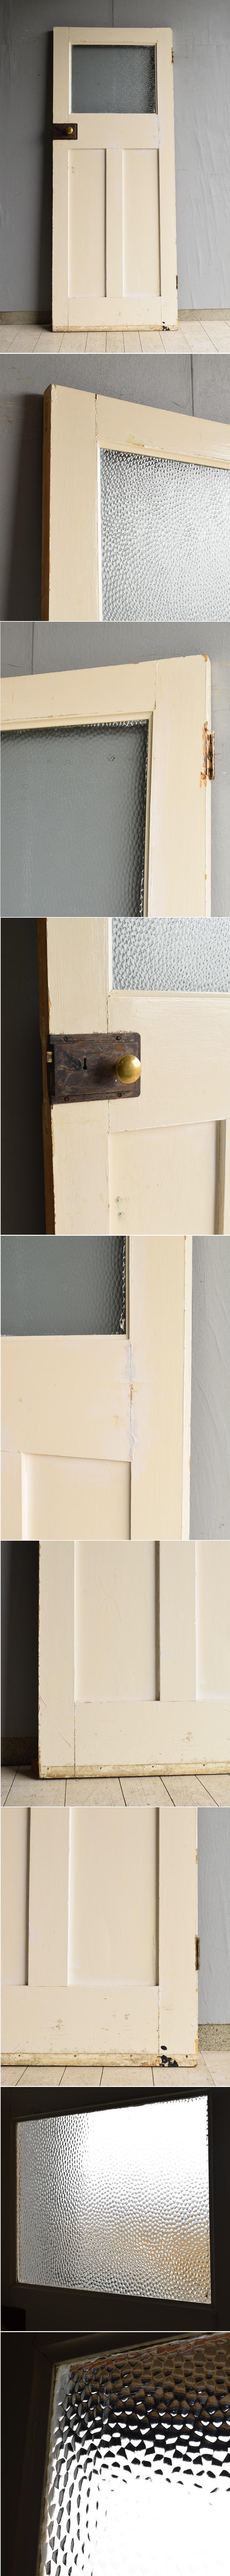 イギリス アンティーク ガラス ドア 扉 ディスプレイ 建具 7678